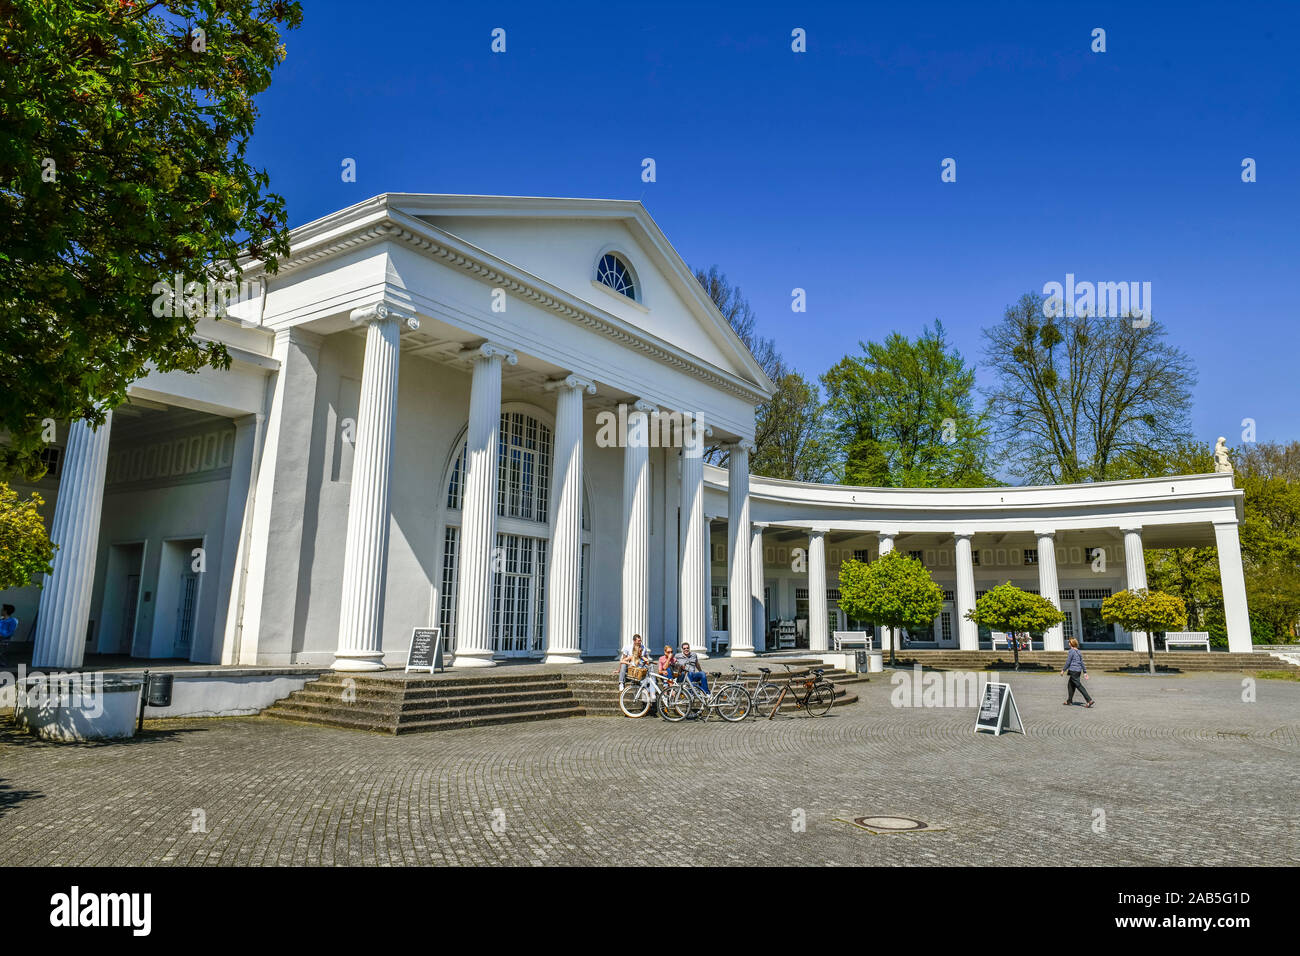 Wandelhalle, Kurpark, Bad Oeynhausen, Nordrhein-Westfalen, Deutschland Stock Photo